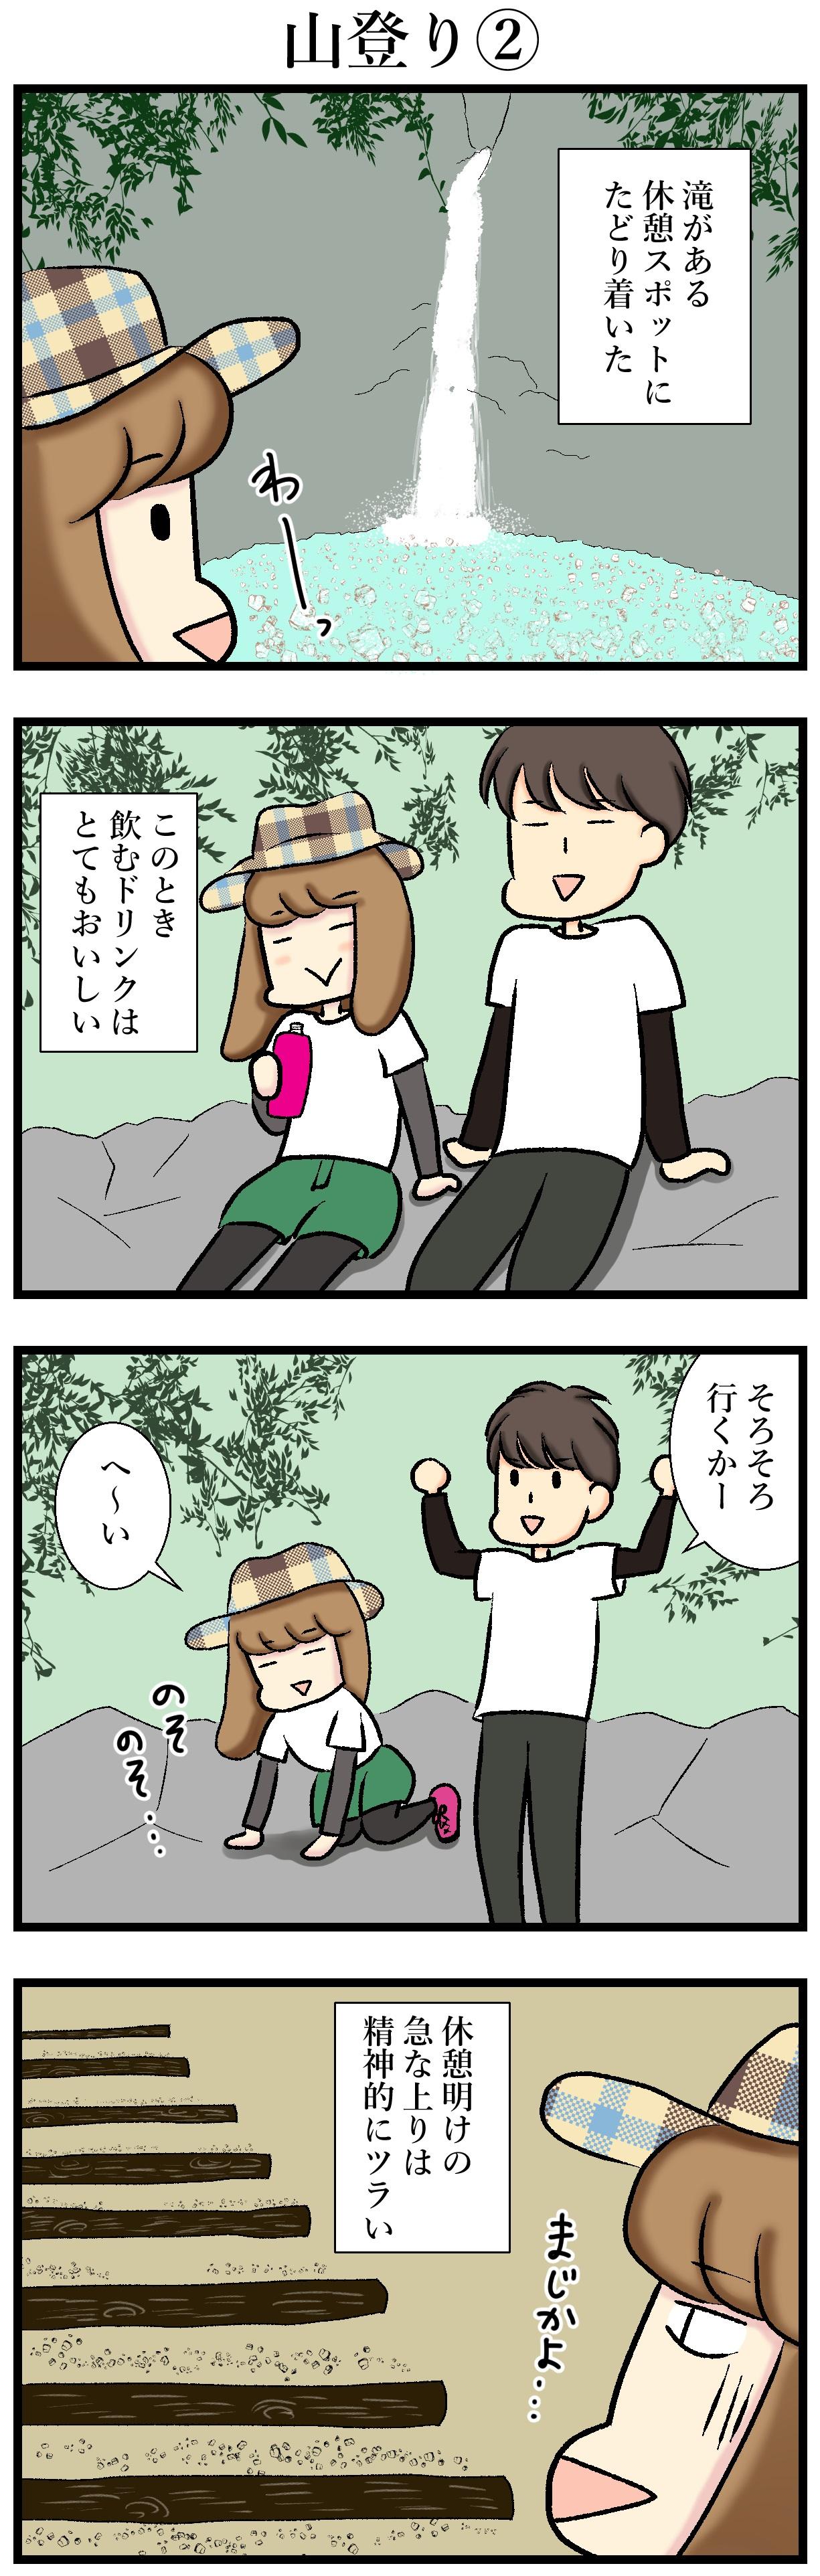 【エッセイ漫画】アラサー主婦くま子のふがいない日常(20)